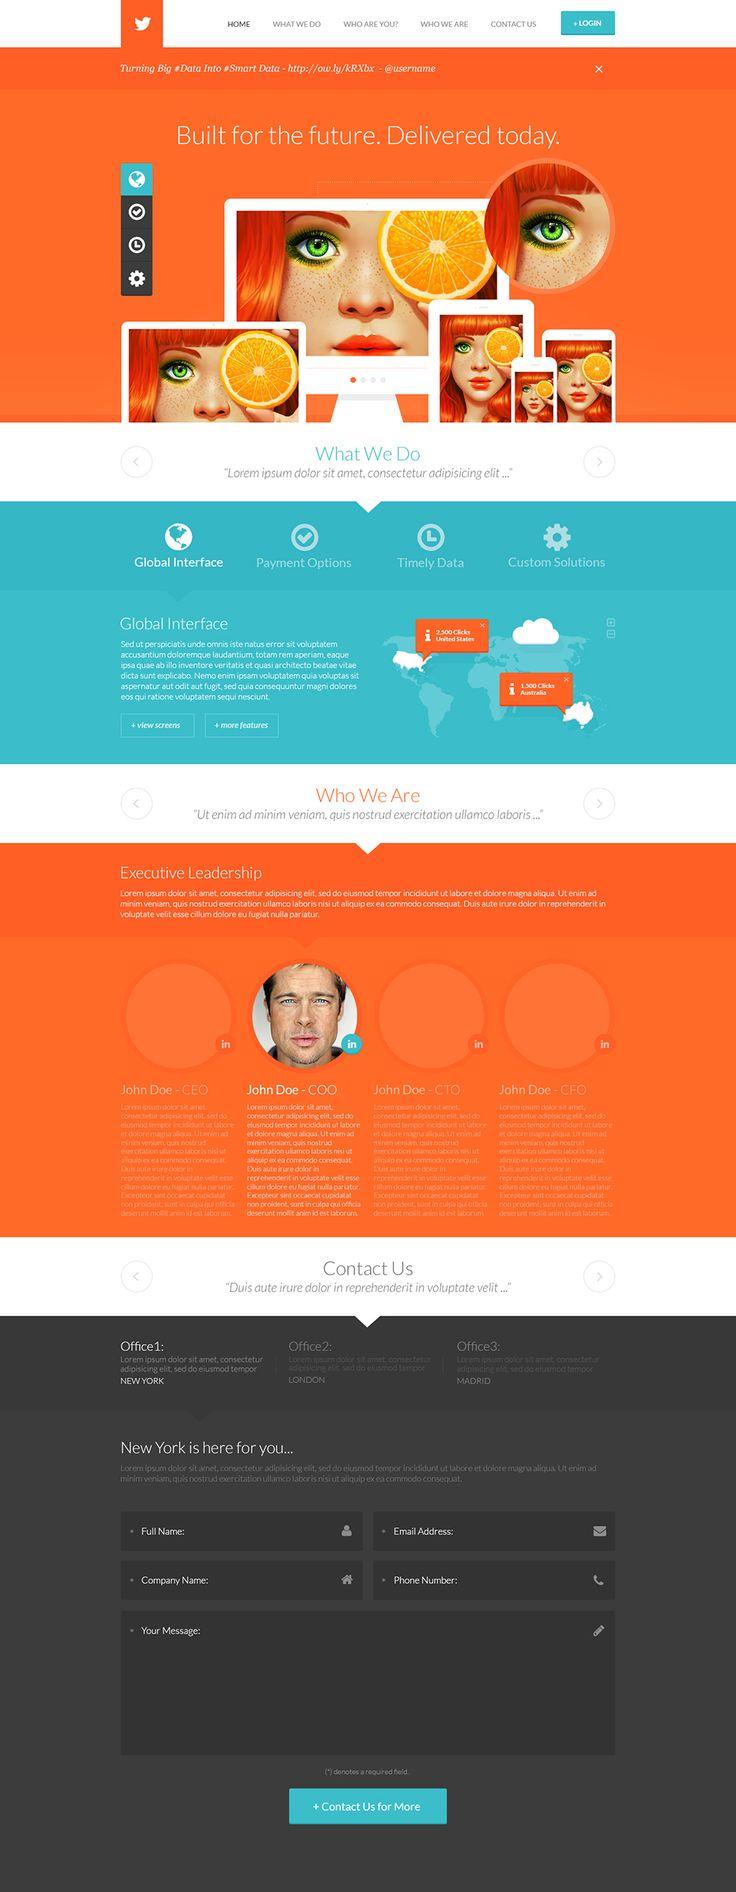 239 besten goSudo Bilder auf Pinterest | Grafik design, Poster und ...